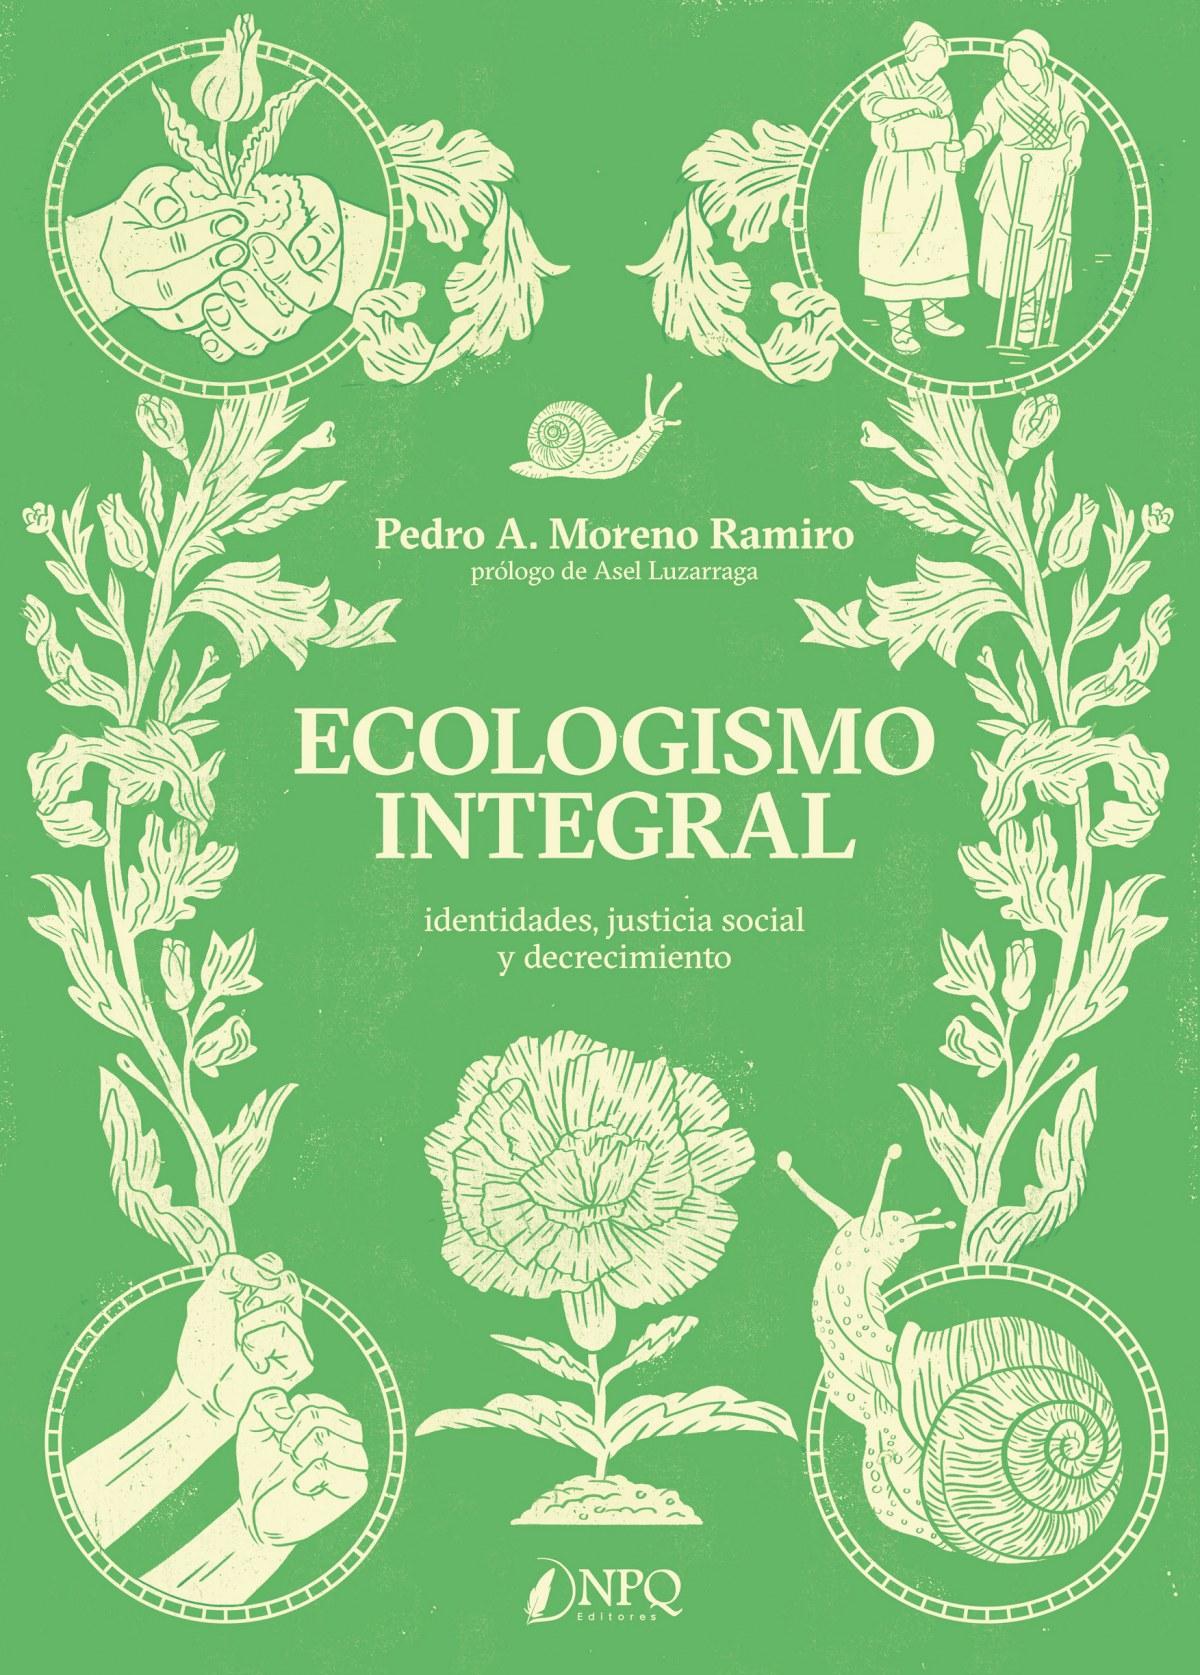 Ecologismo integral